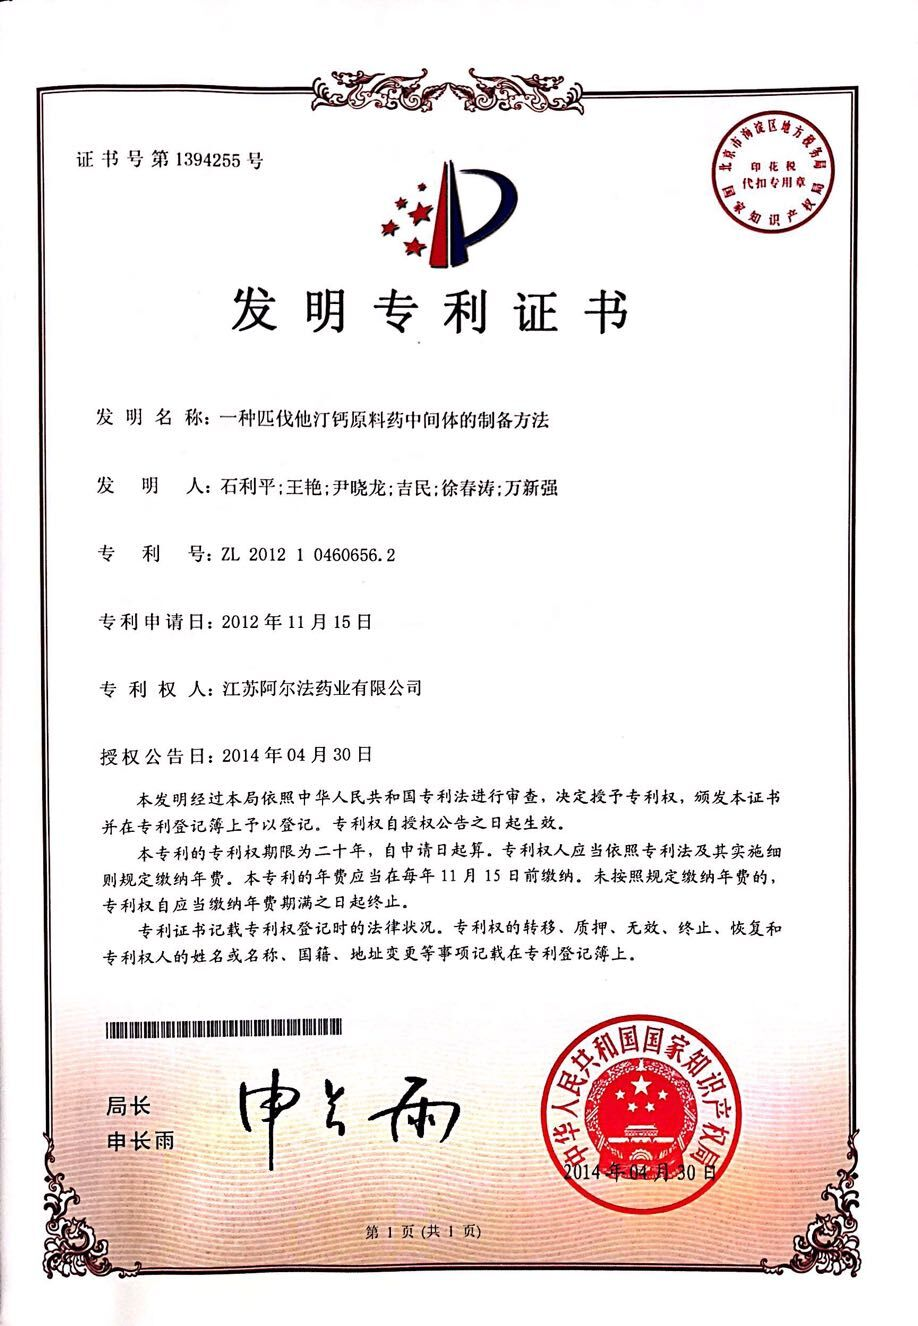 荣誉-专利-4.一种匹伐他汀钙原料药中间的制备方法